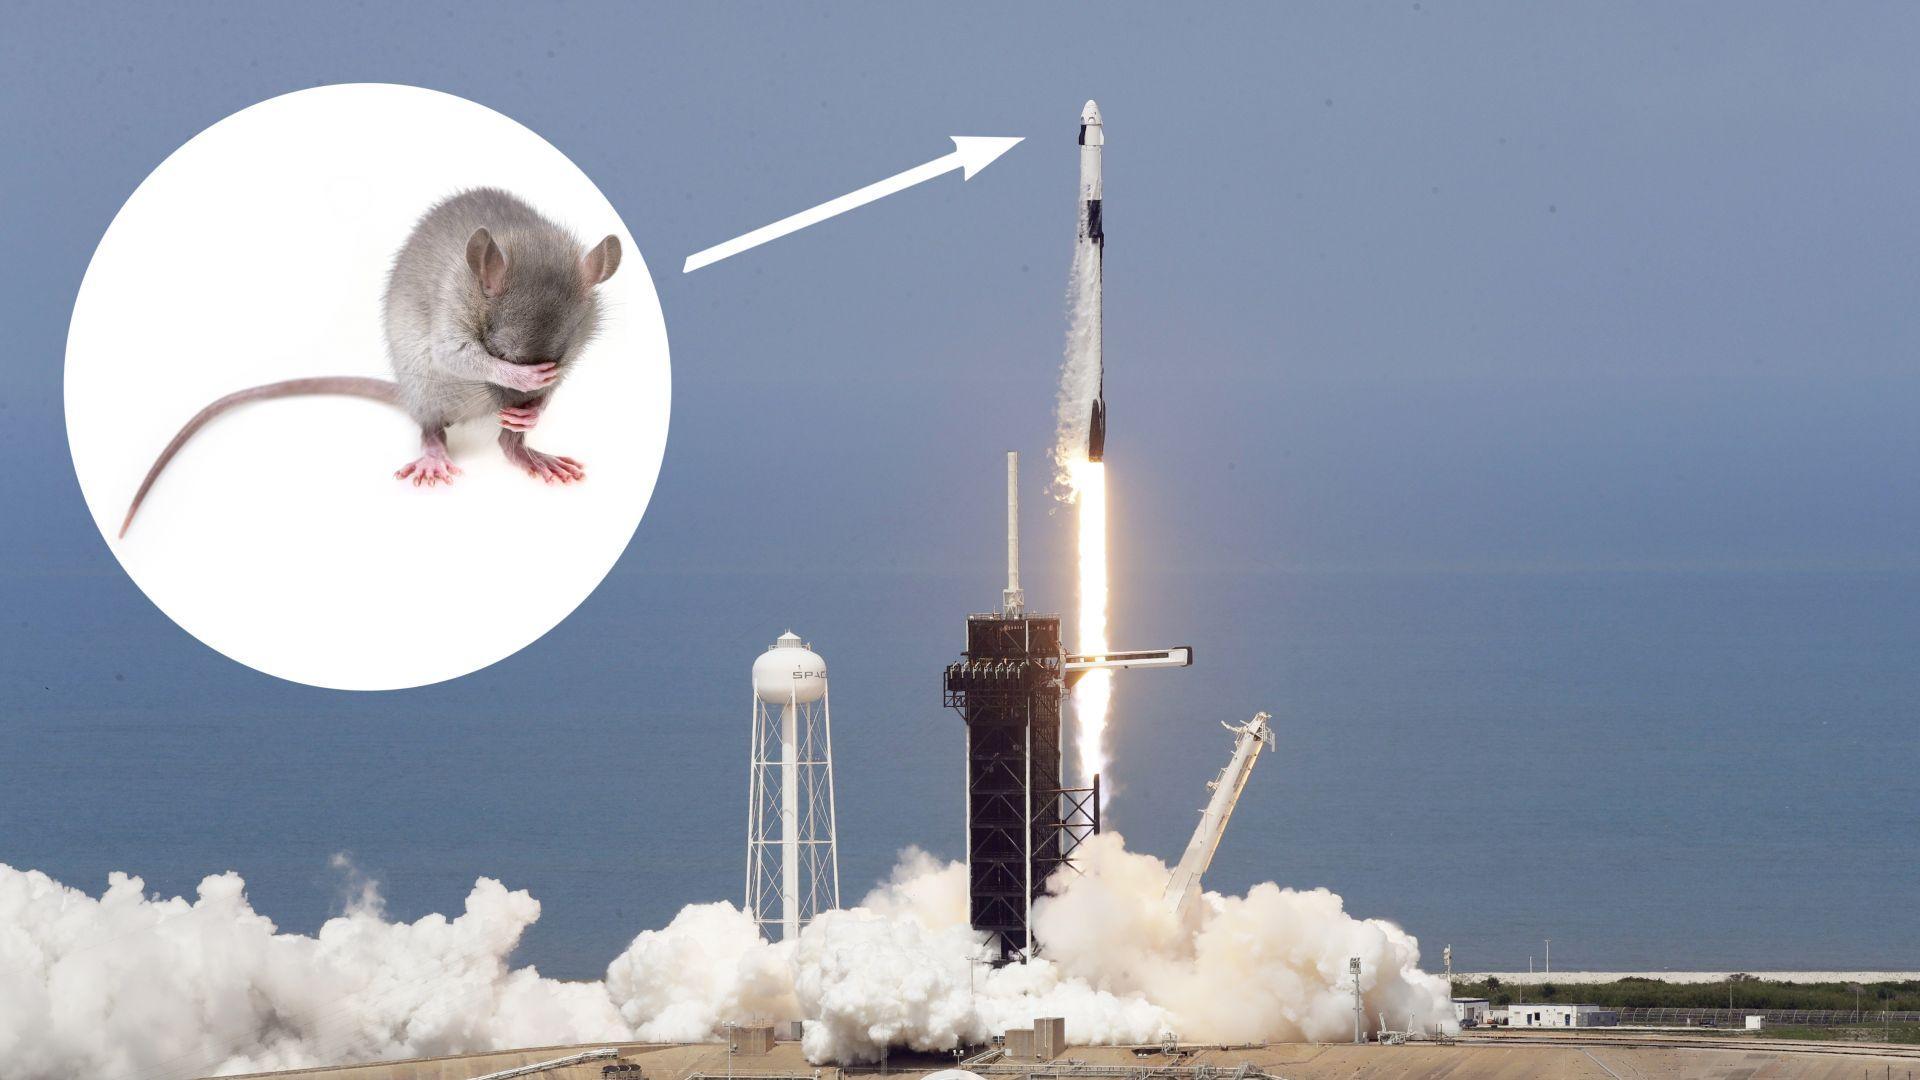 Има ли мишка на космическия кораб на Илон Мъск?